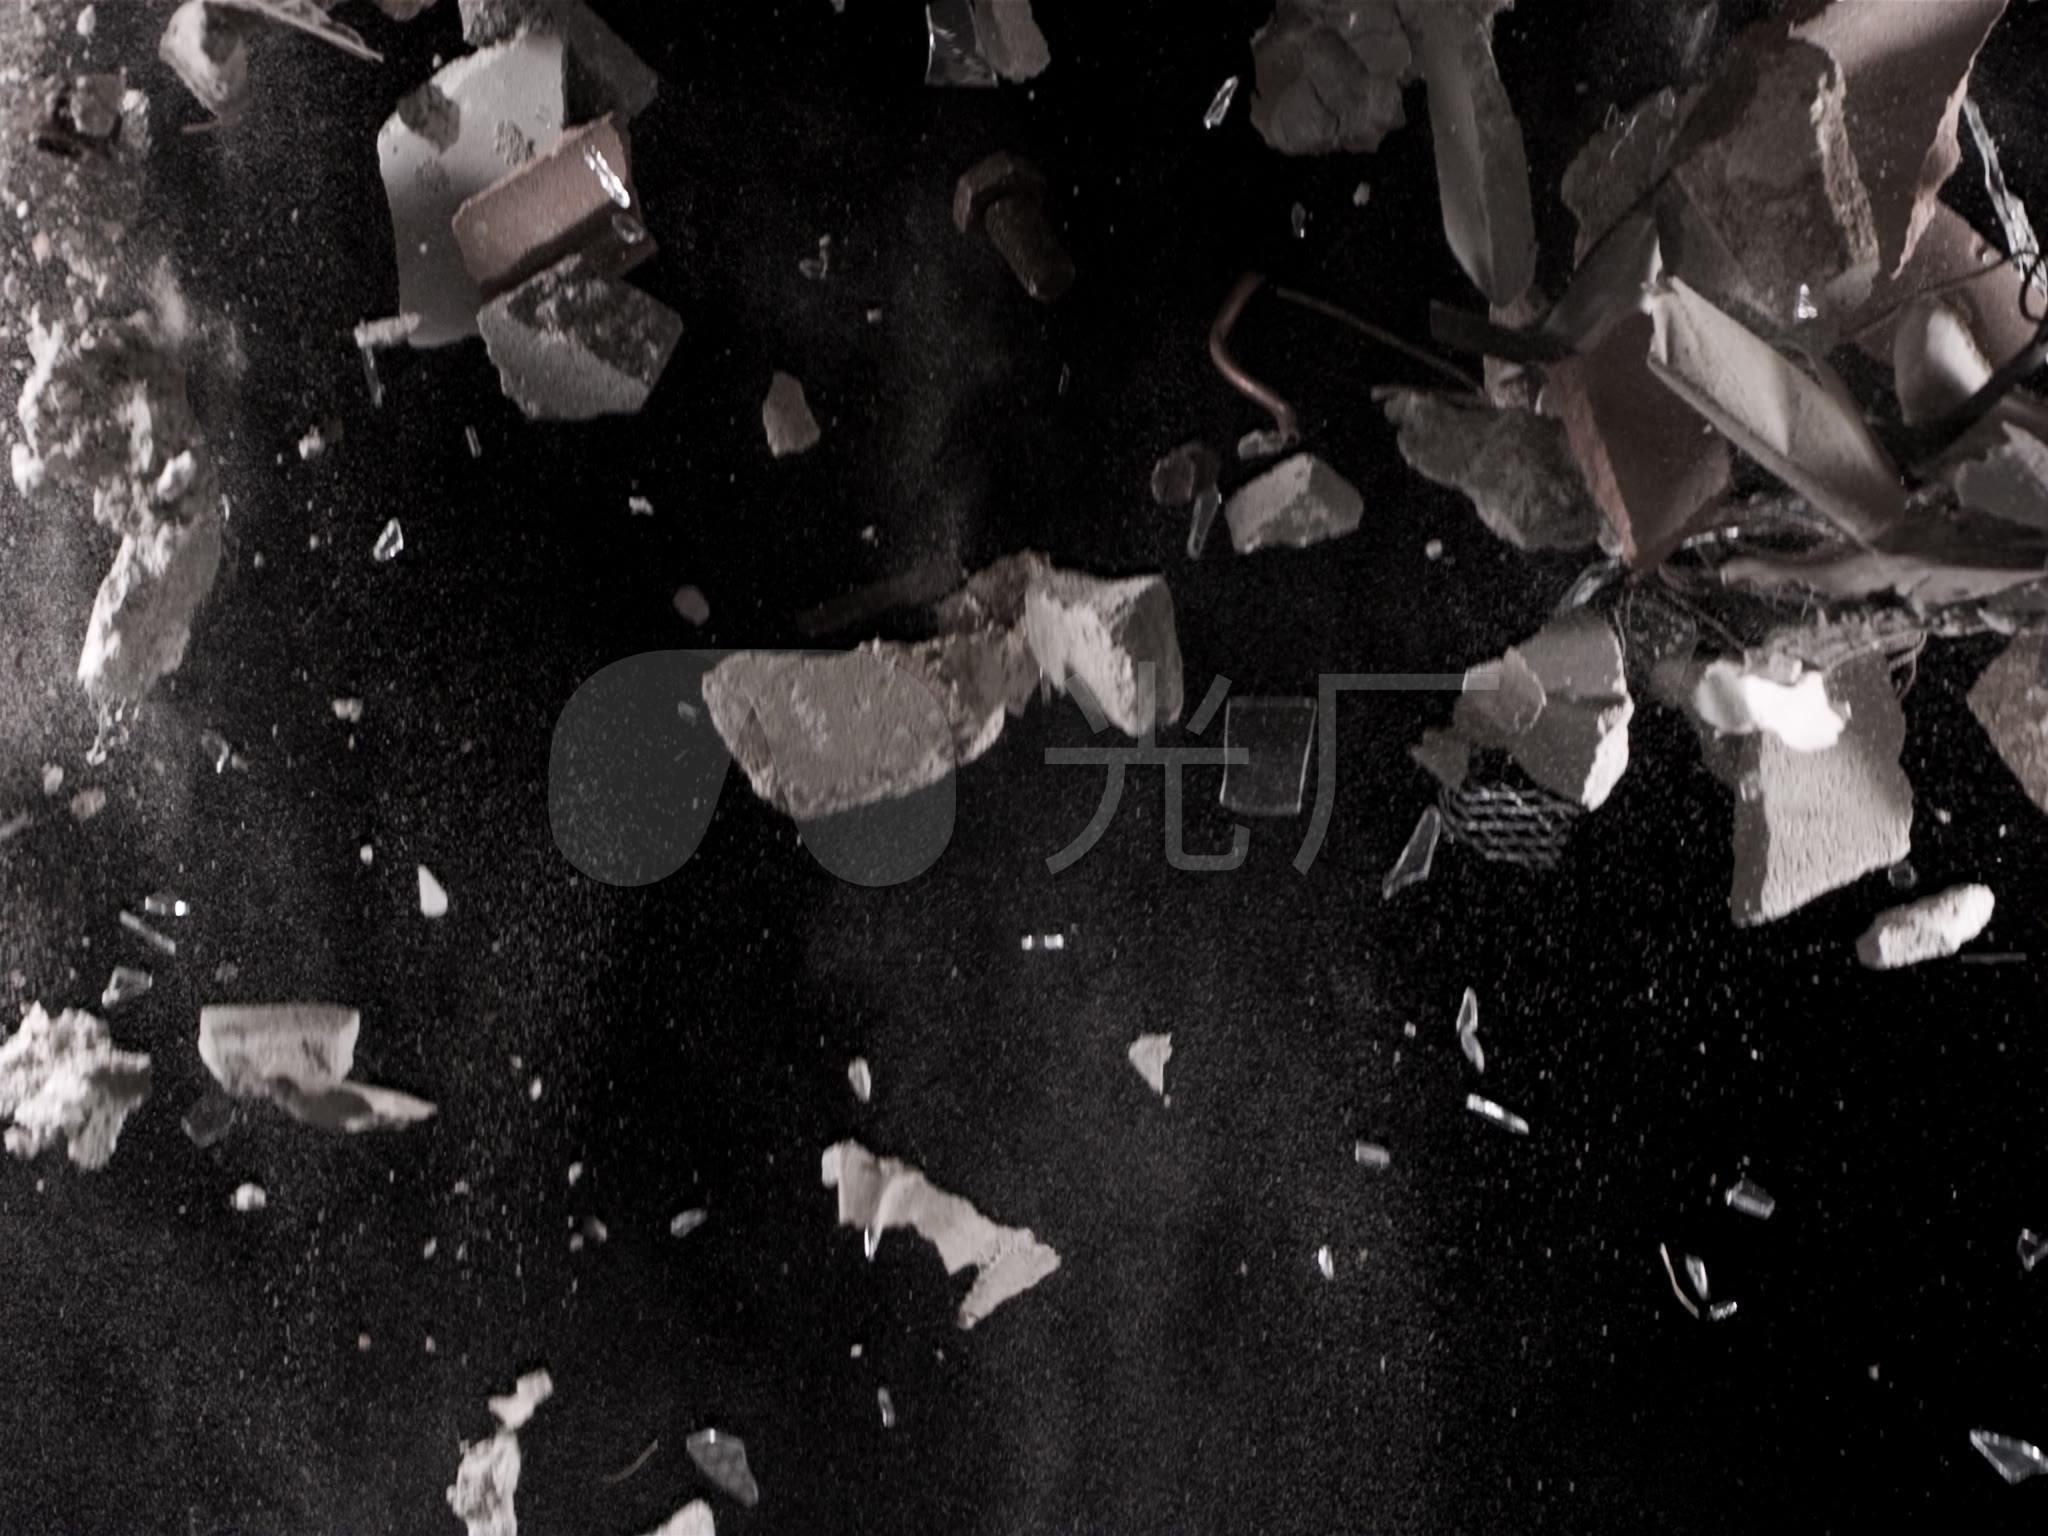 坍塌视频视频播放视频_2048X1536_高清特效素材合成名姝图片